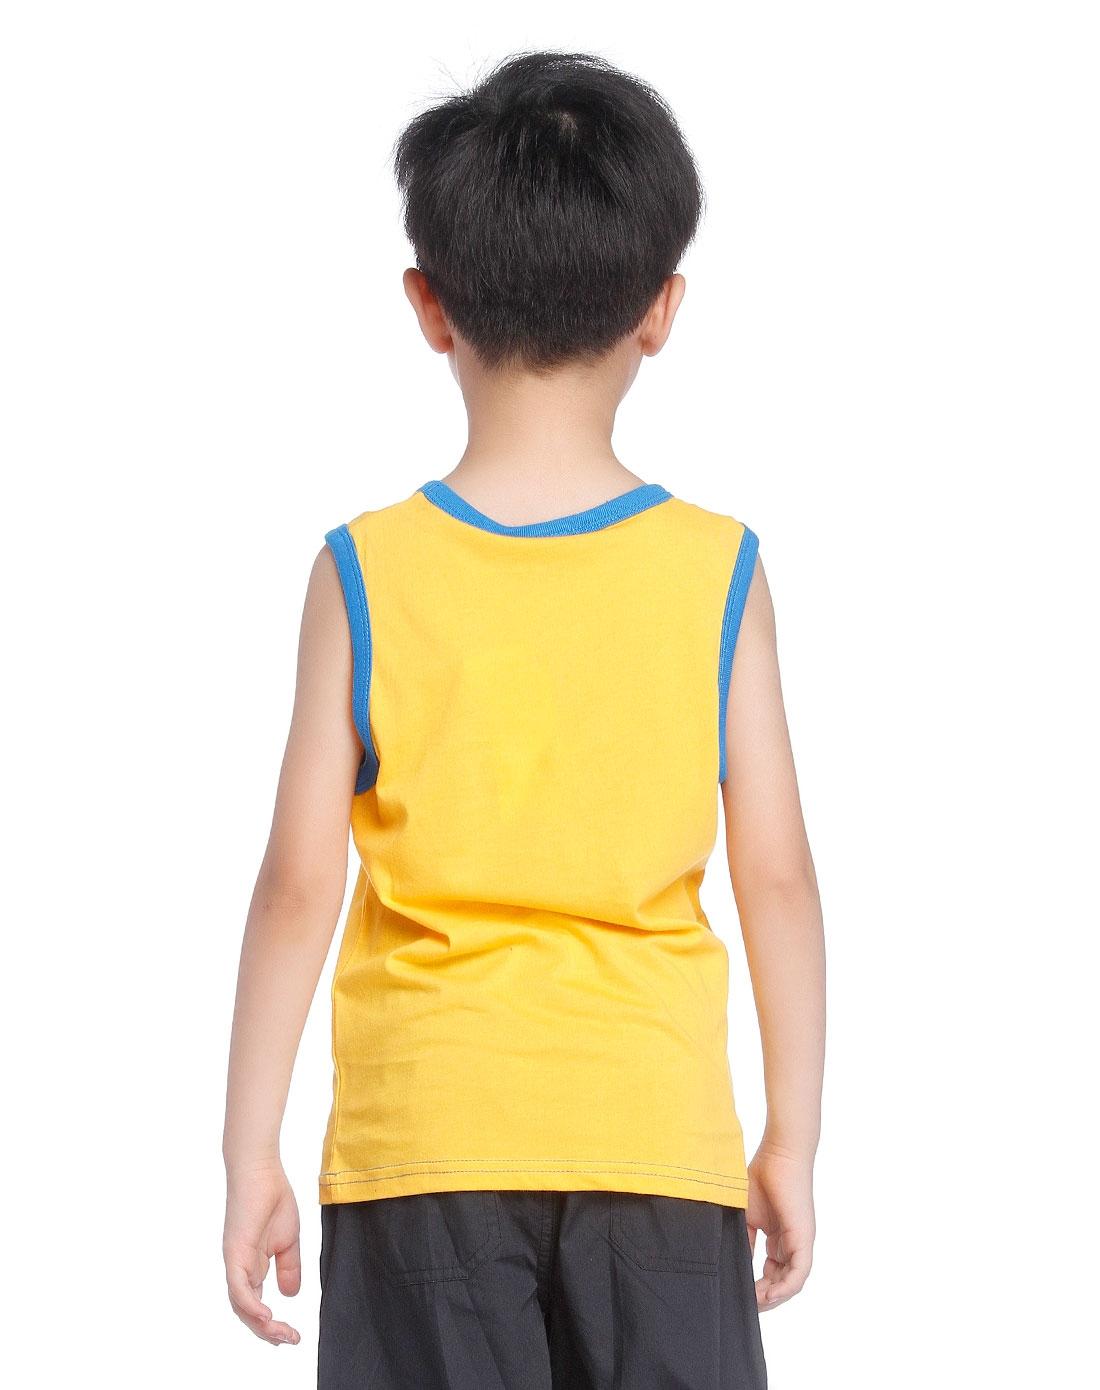 男童活泼黄色针织背心